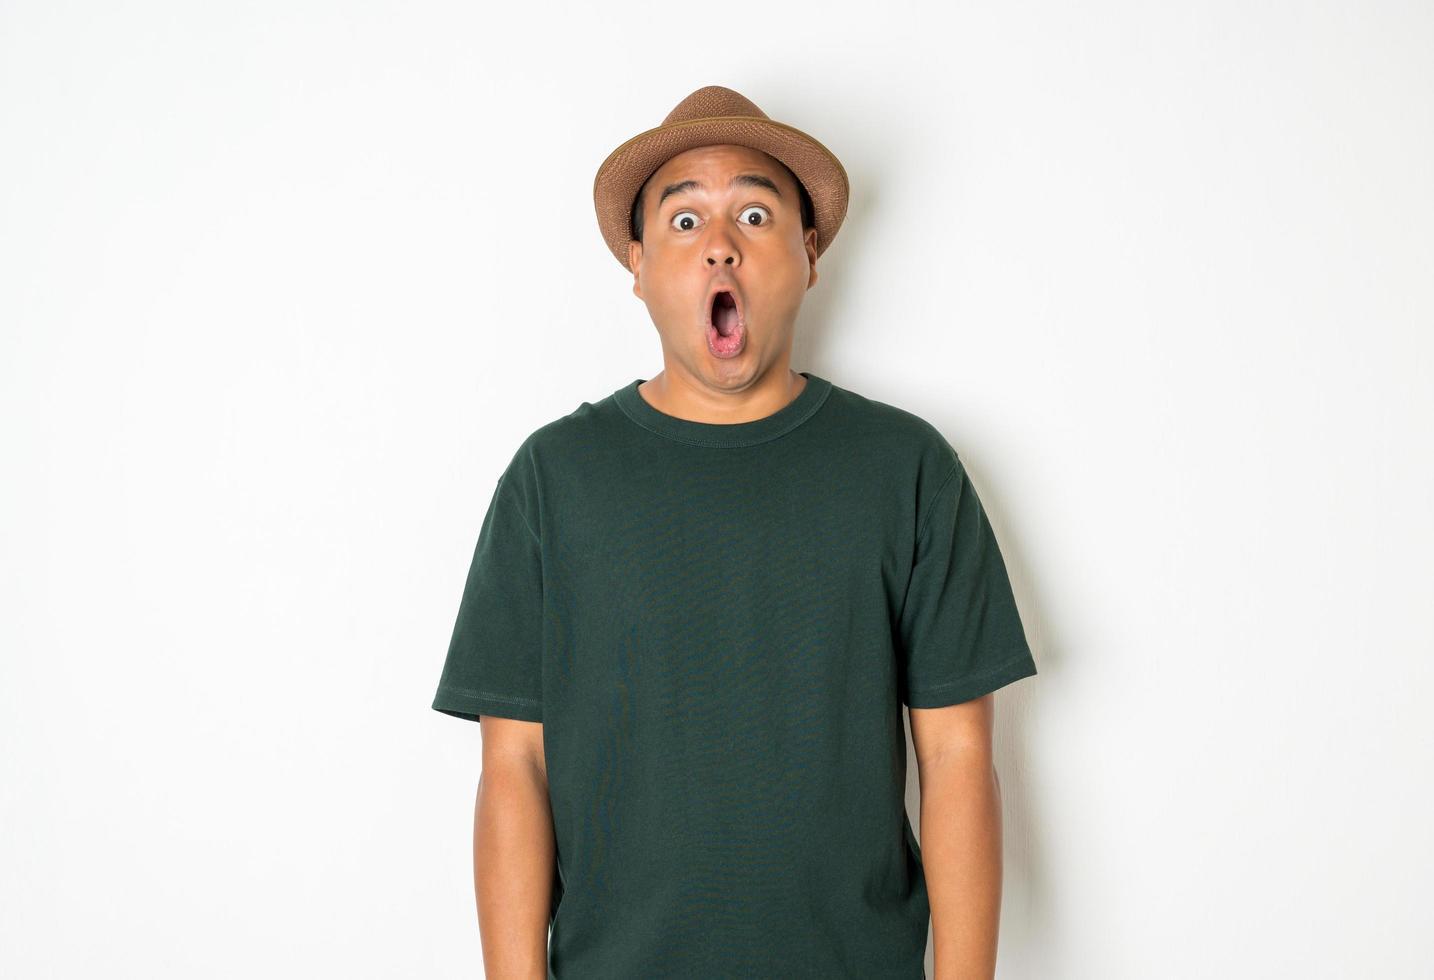 homme choqué dans une chemise verte photo